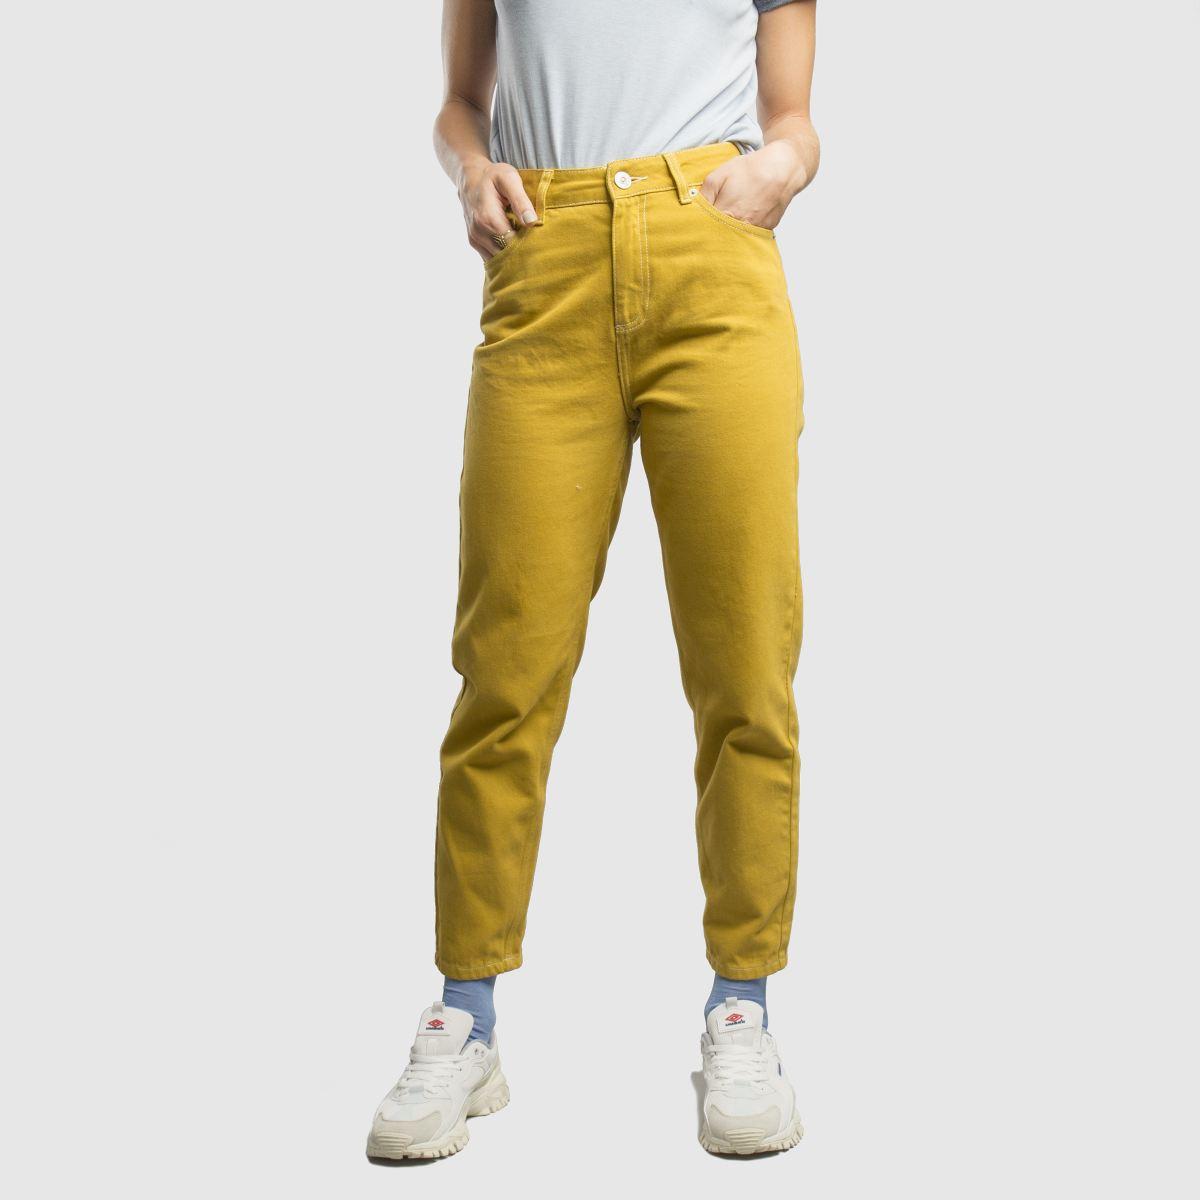 Damen schuh Weiß umbro Bumpy Sneaker | schuh Damen Gute Qualität beliebte Schuhe d25b62